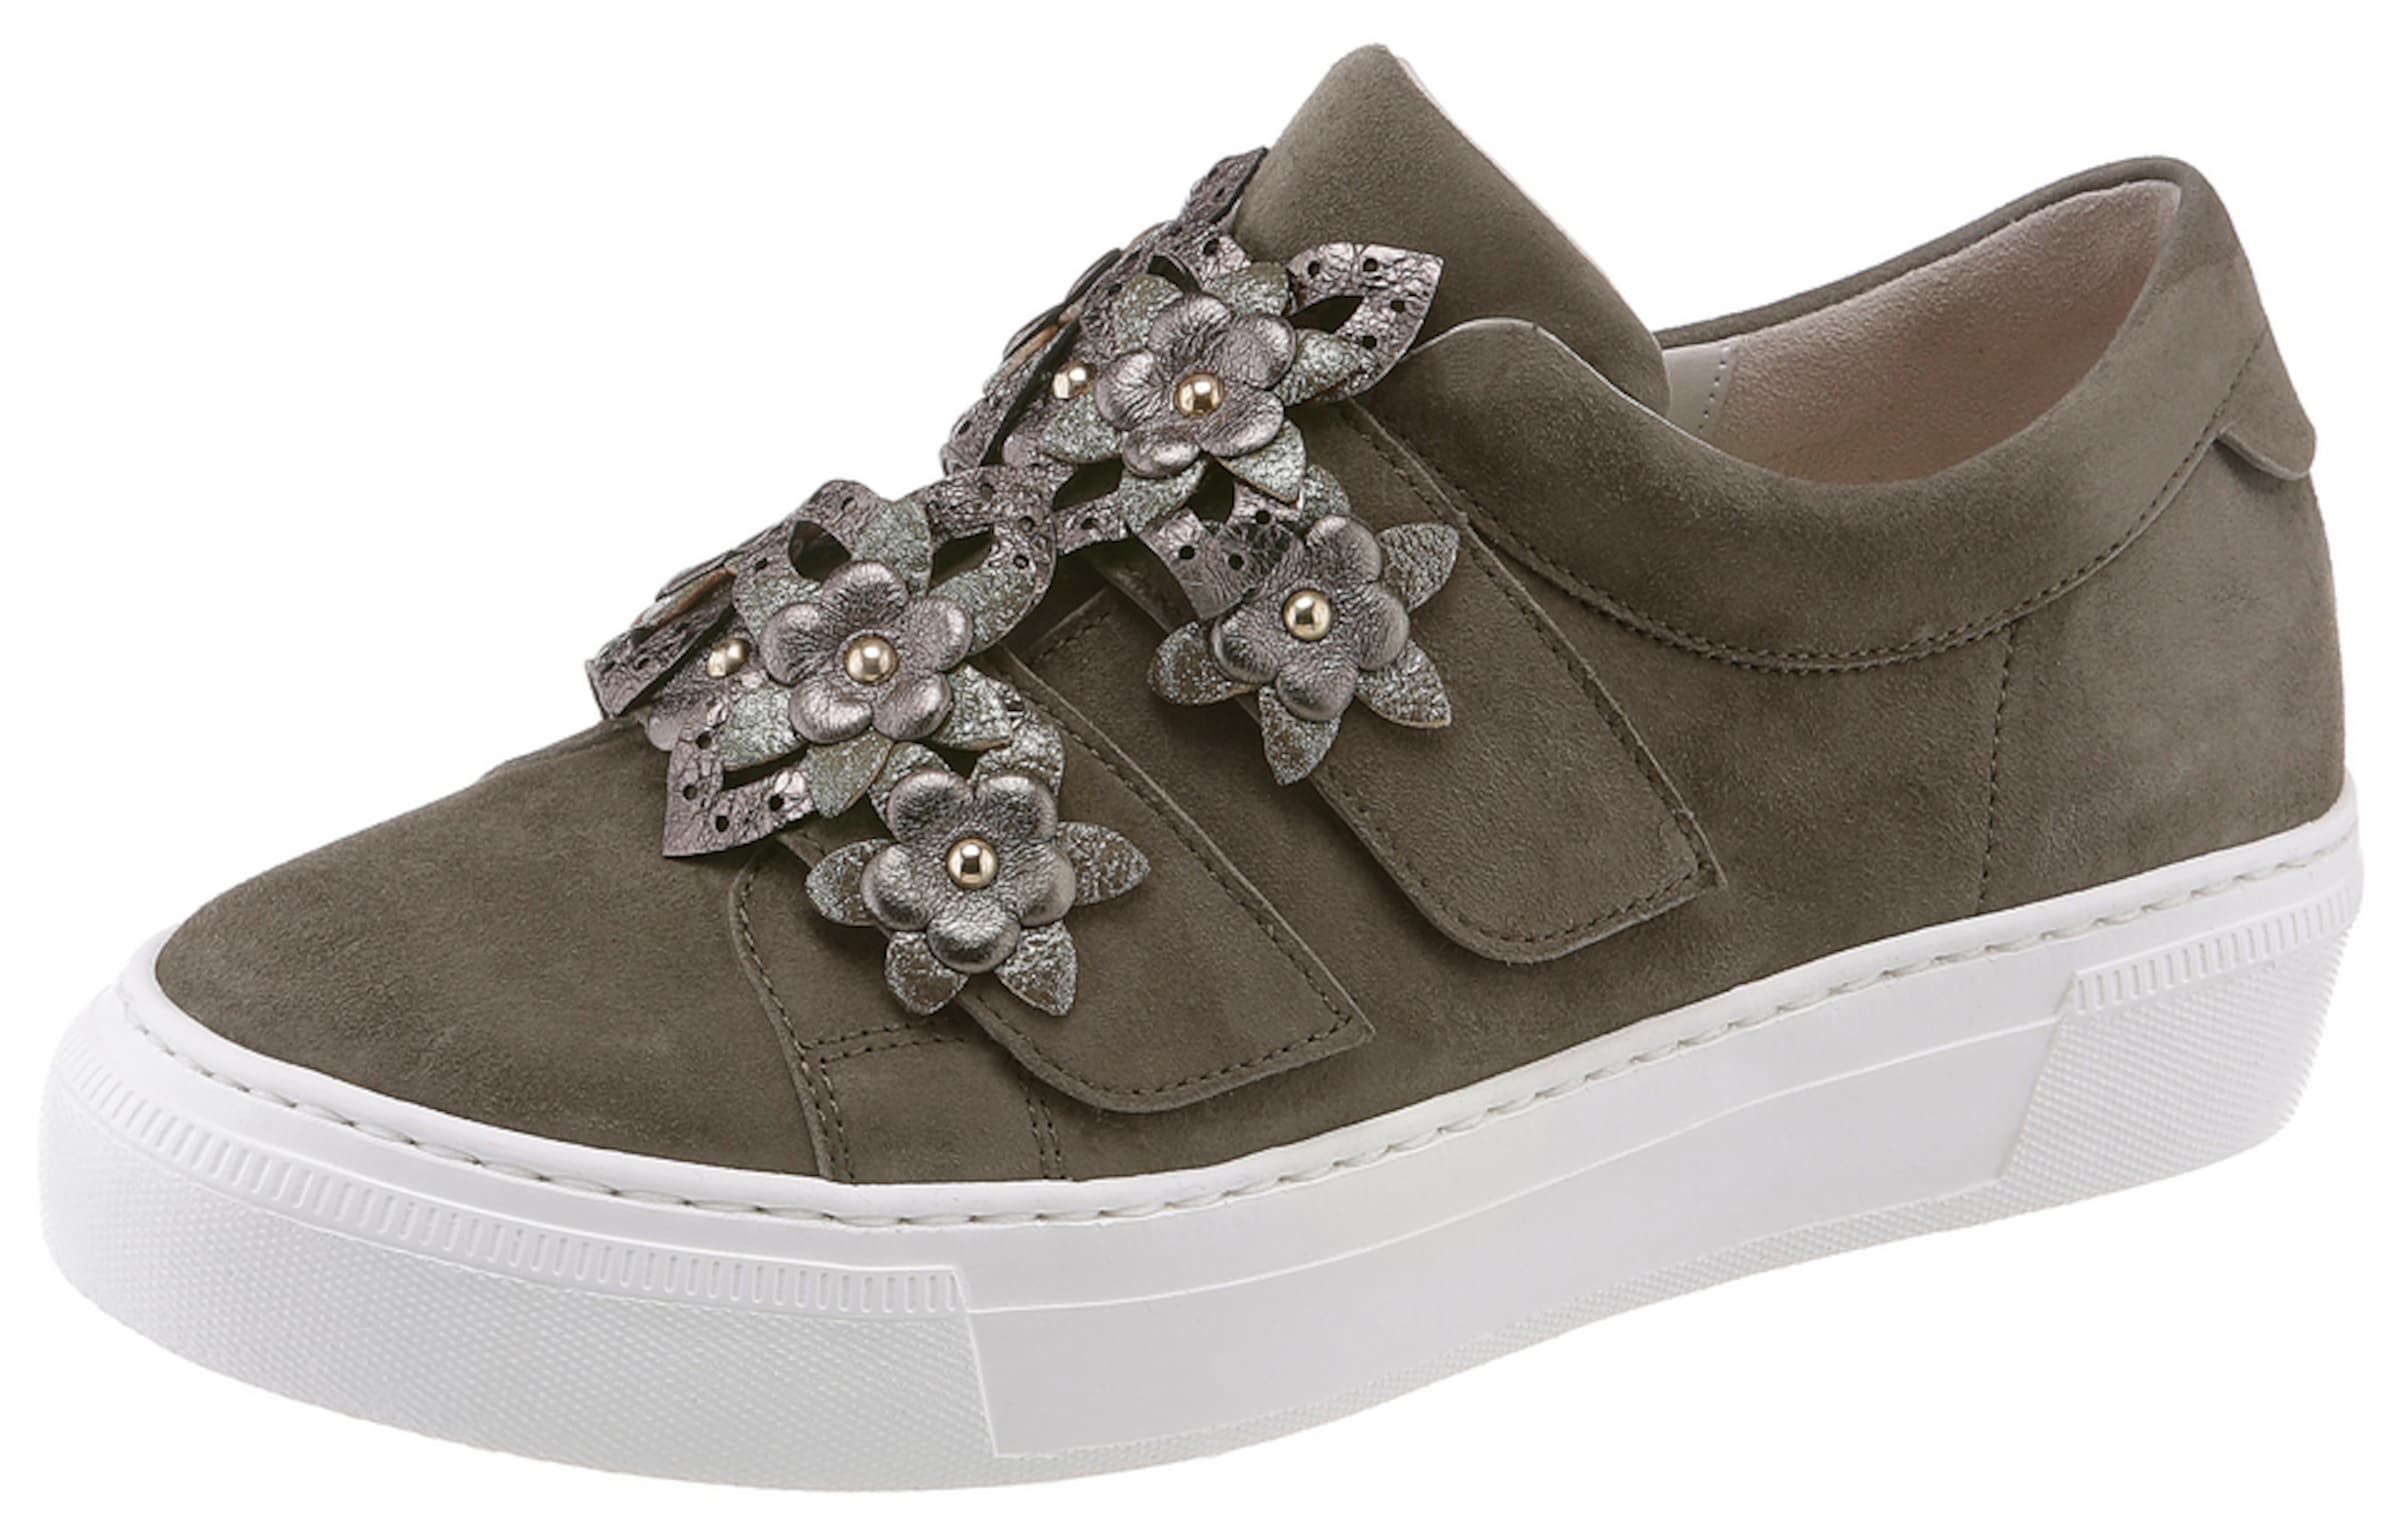 GABOR Slipper Günstige und langlebige Schuhe